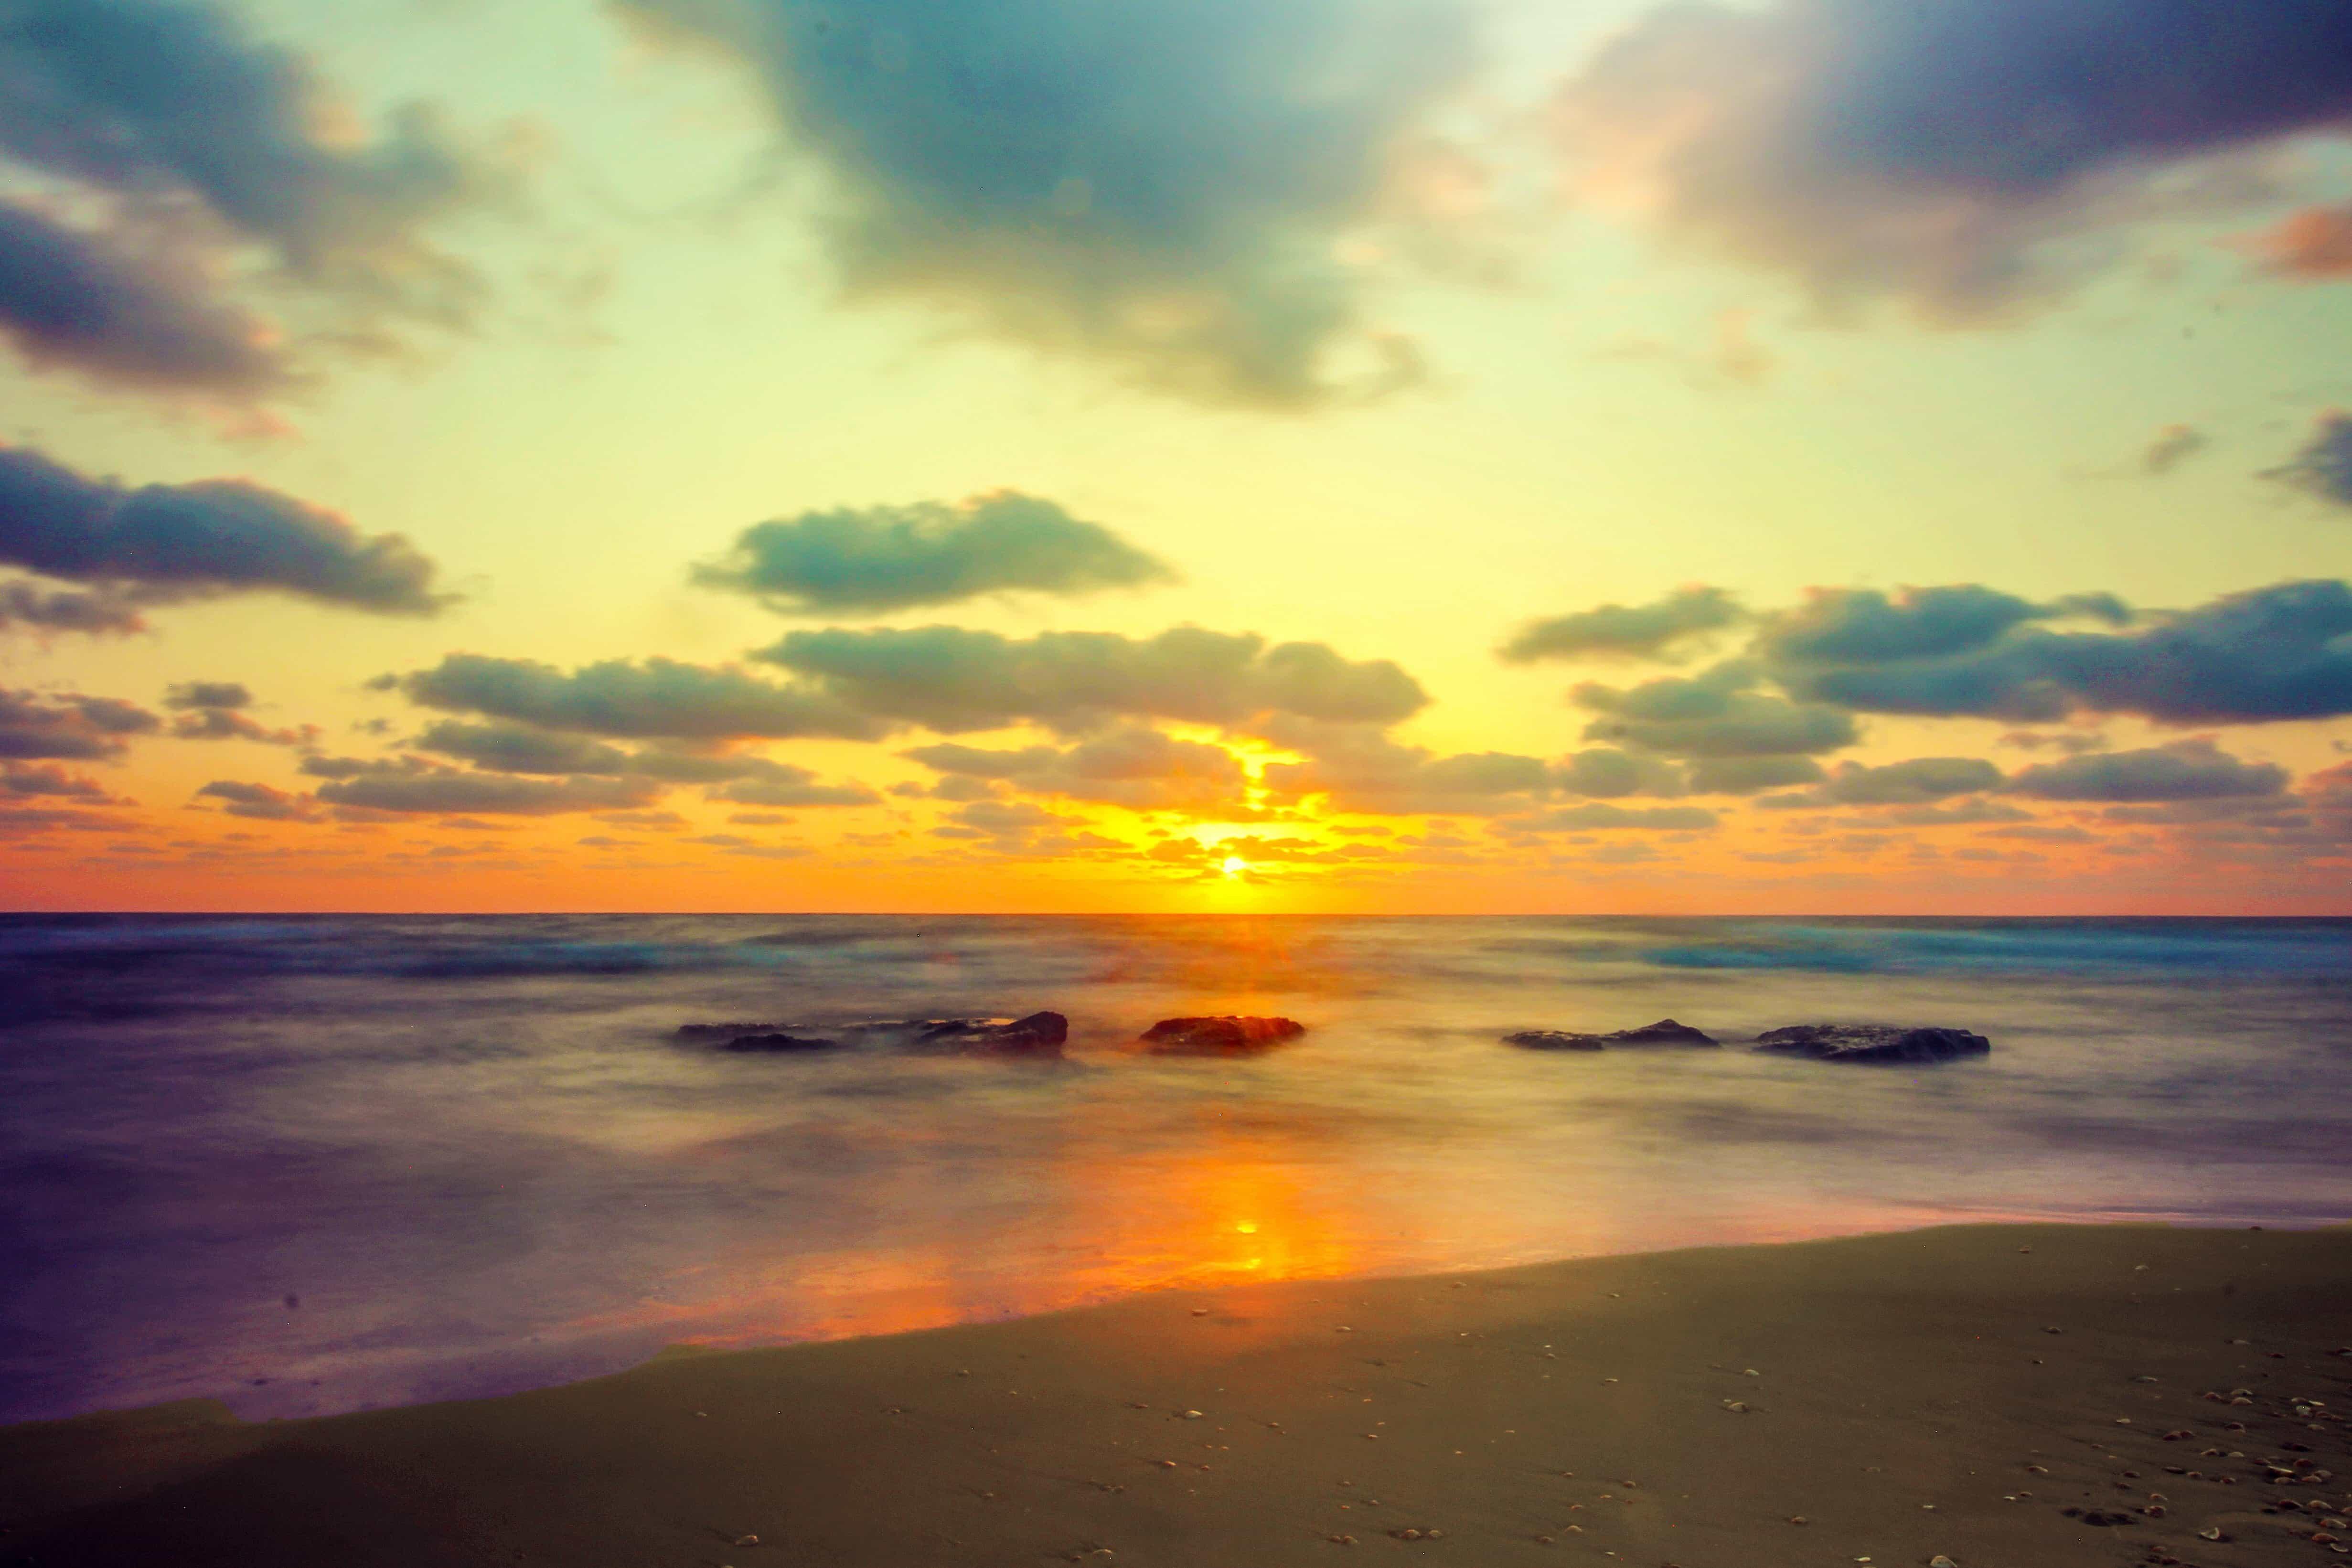 Playa del ingles - 2 10